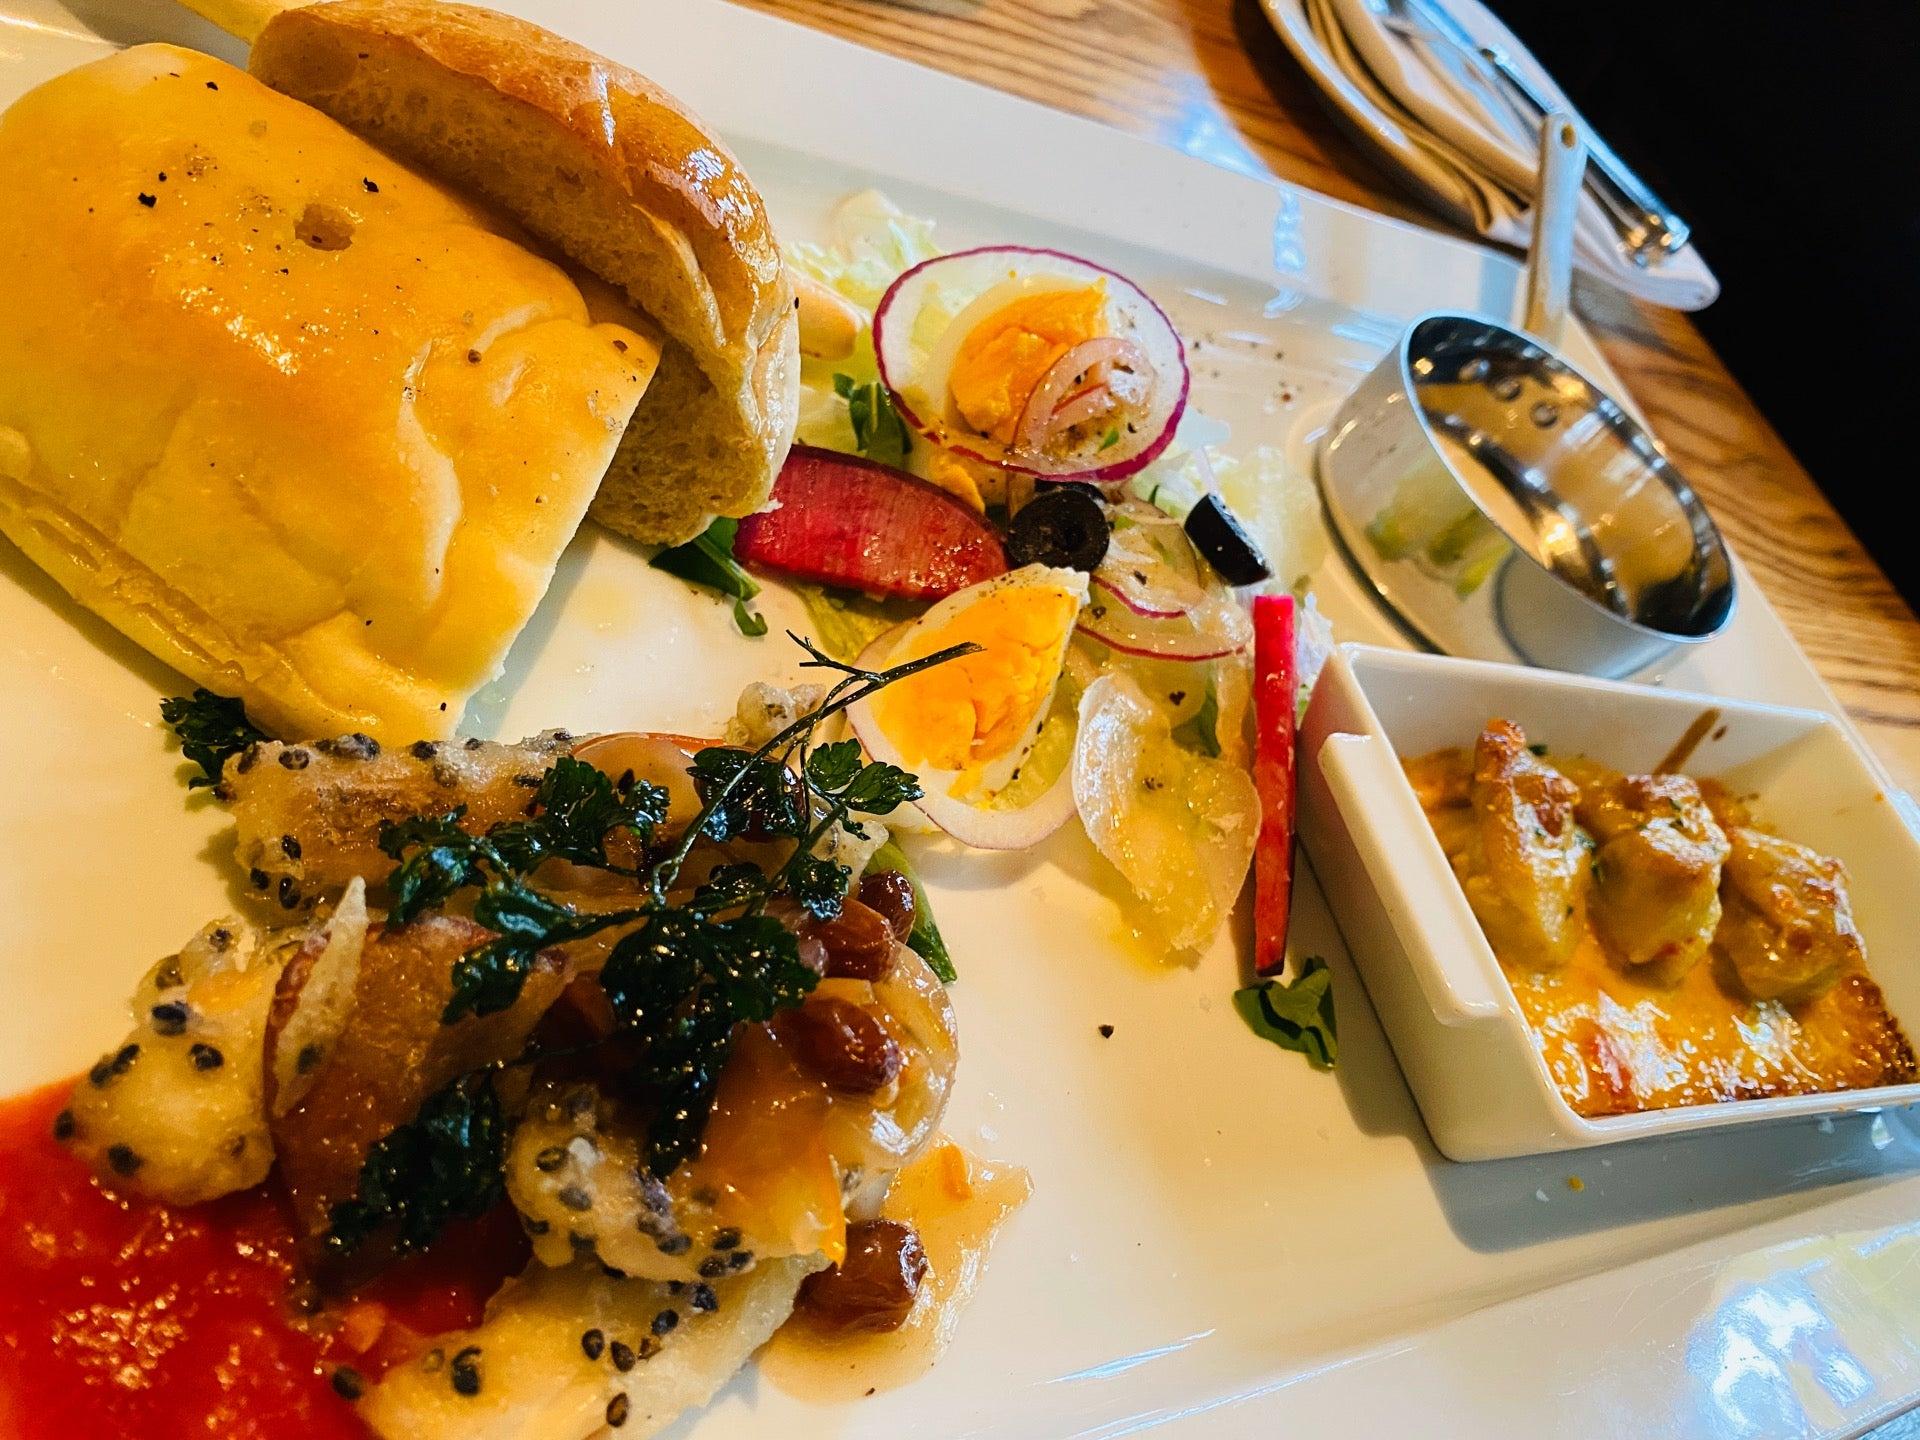 前菜(゚д゚)ウマー イカの胡麻フリット、鶏肉カレー焼き、ニース風サラダ、フォカッチャ。 (@ イタリア料理 Kan in 小牧市, 愛知県) https://t.co/1cn4BXUJ0t https://t.co/tqtIjMcxAE